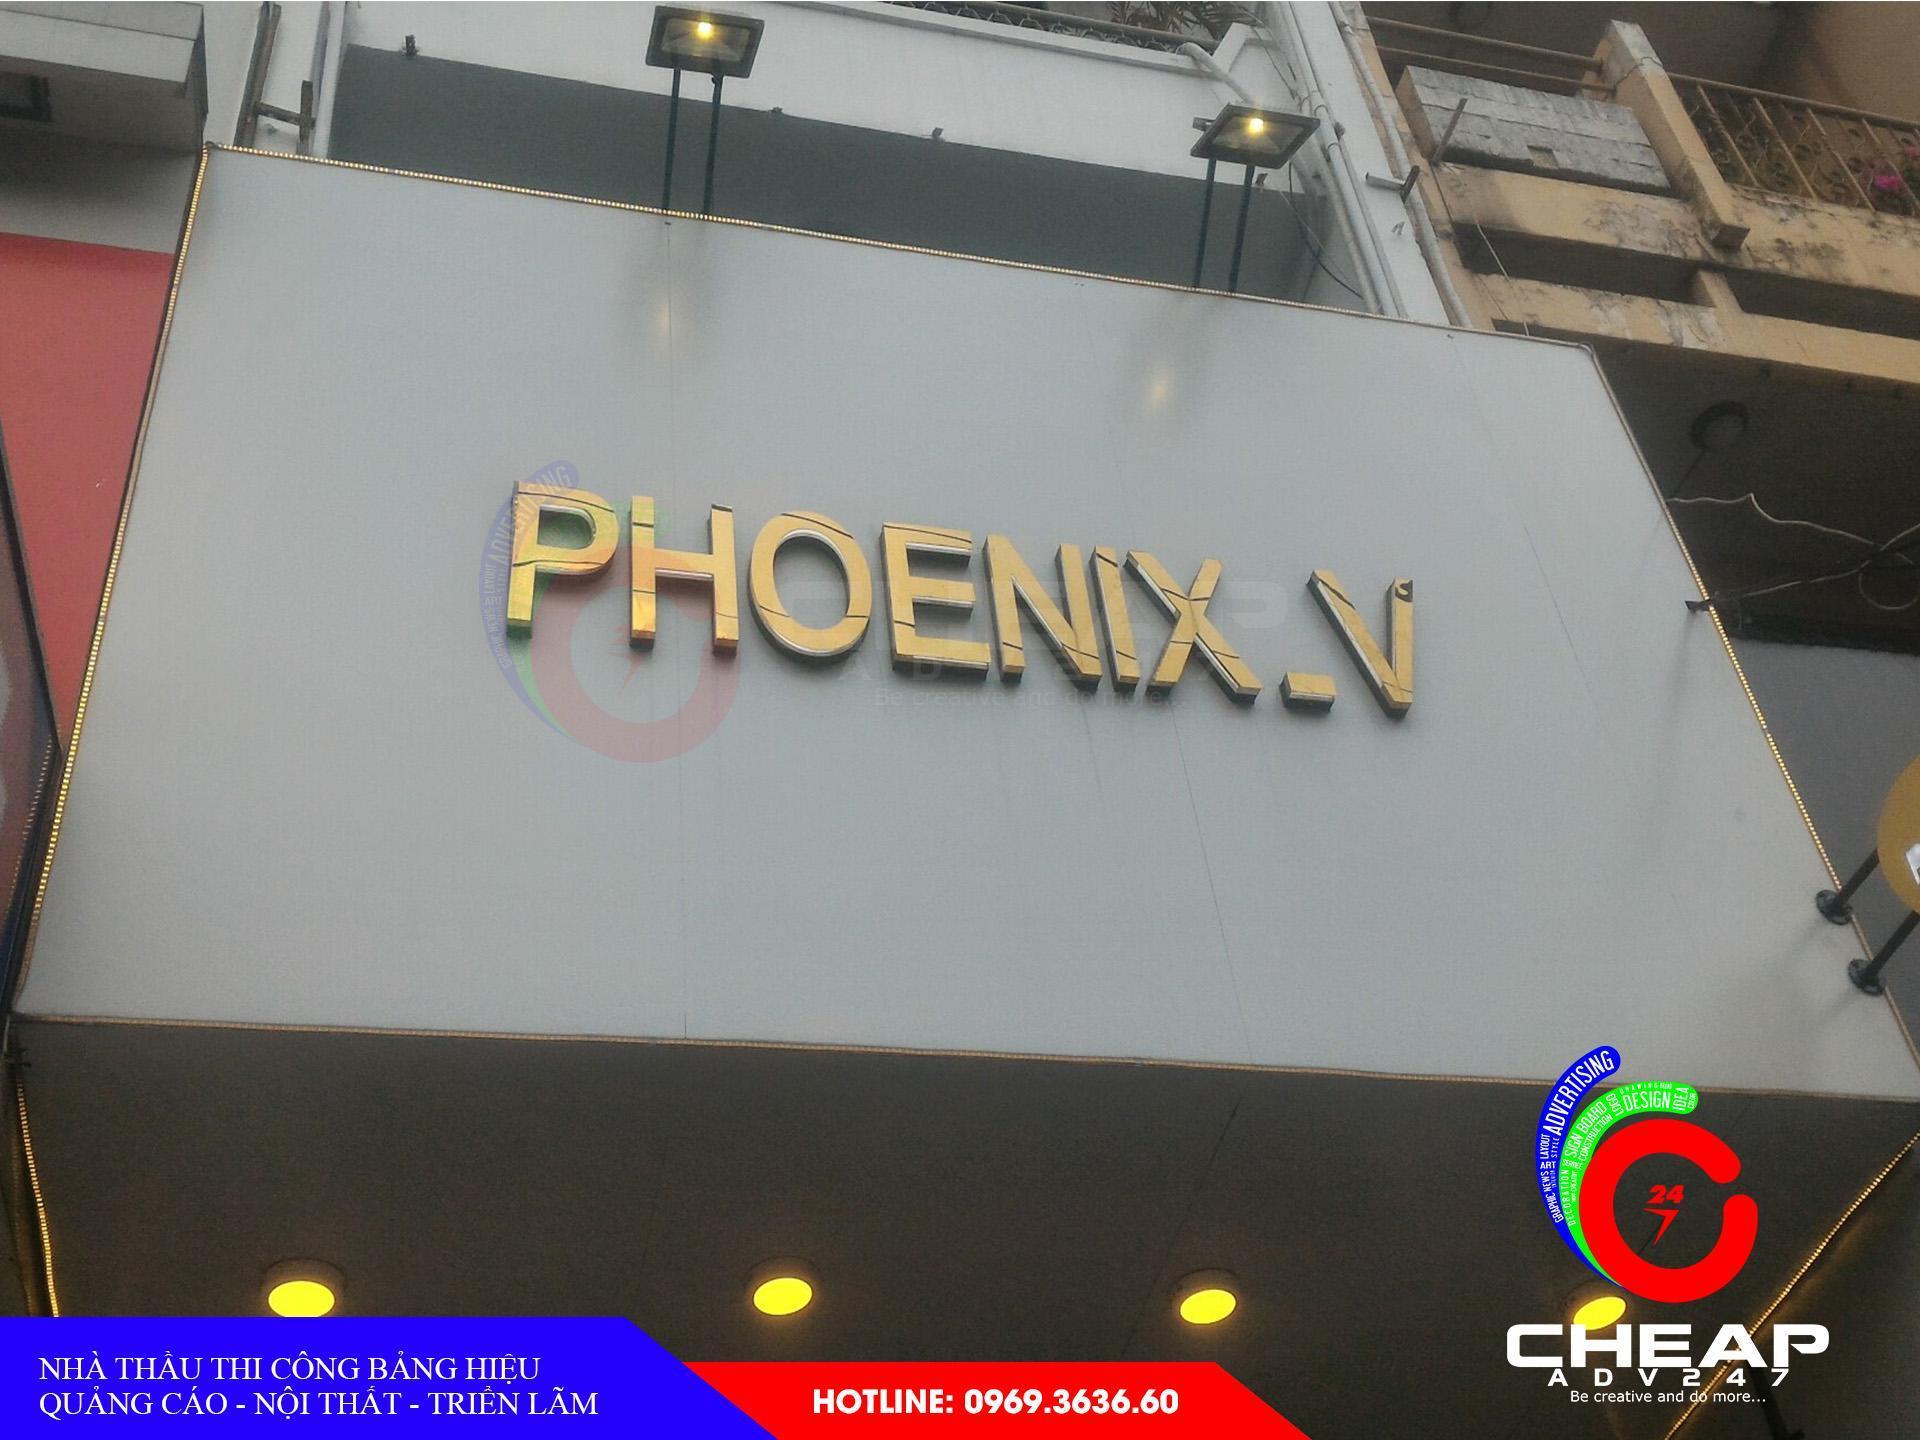 Làm biển hiệu quảng cáo Alu chữ nổi tại cheapadv247